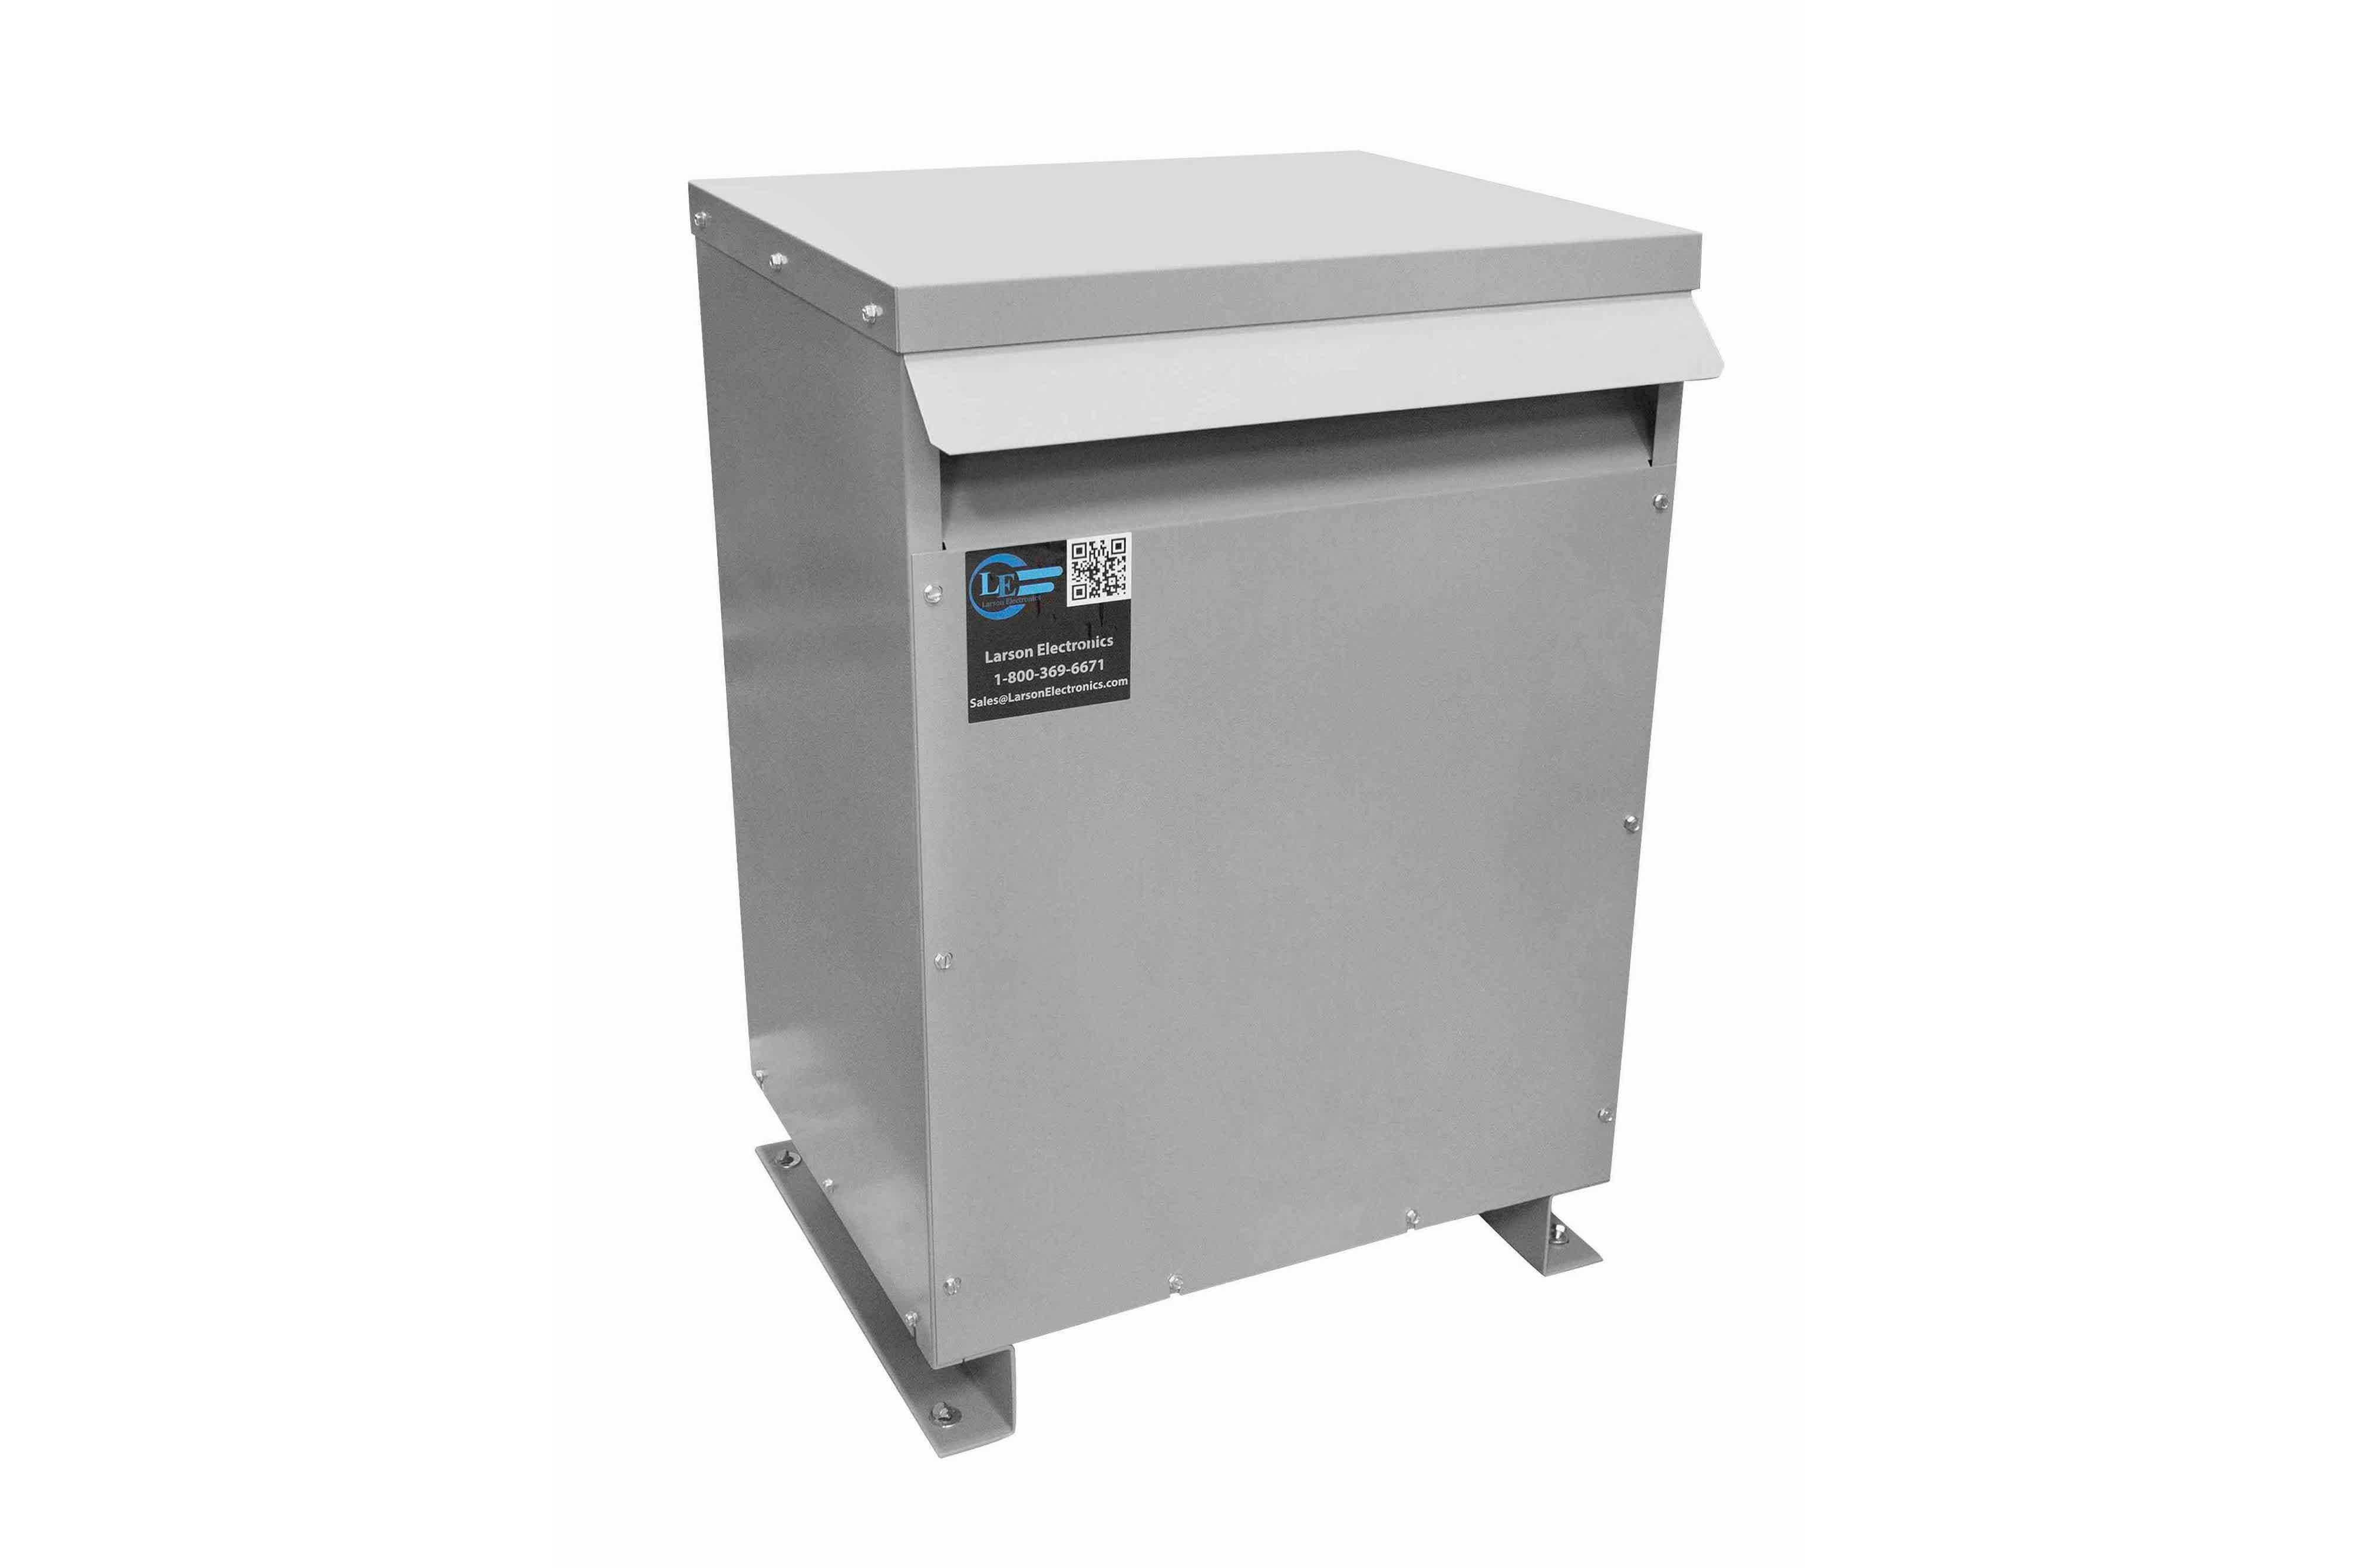 12 kVA 3PH Isolation Transformer, 208V Delta Primary, 415V Delta Secondary, N3R, Ventilated, 60 Hz